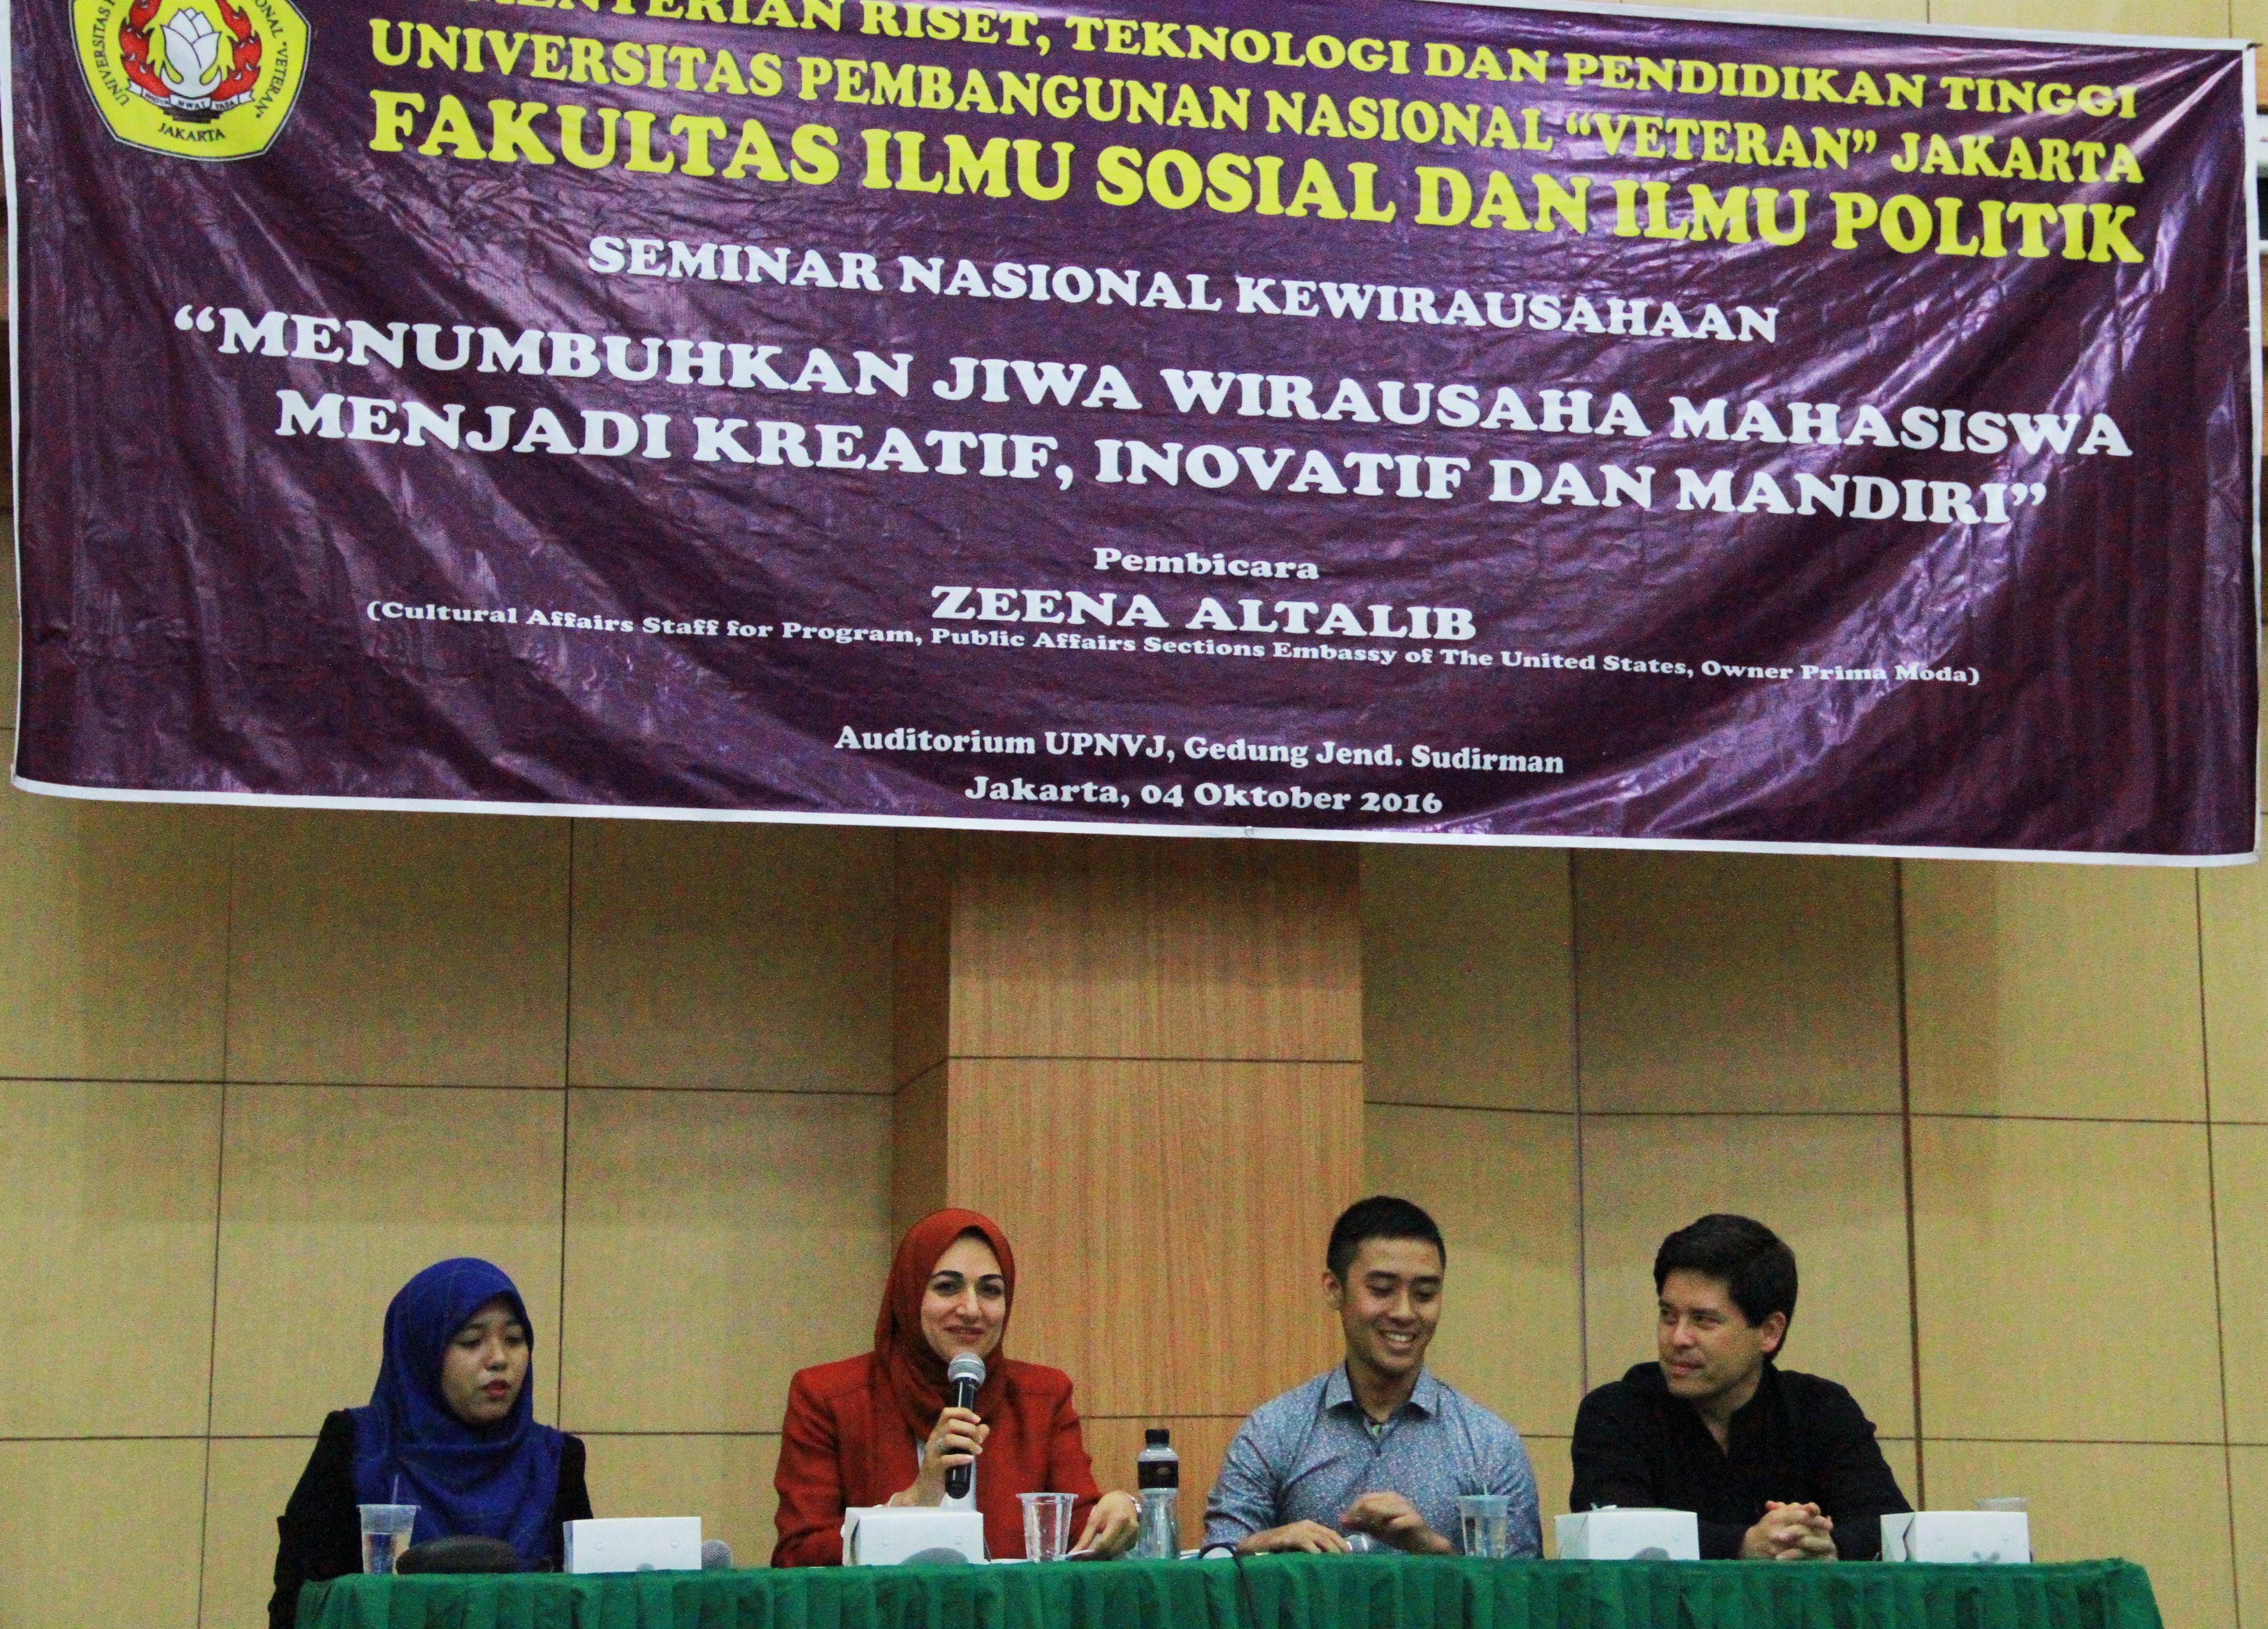 seminar_nasional_kewirausahaan.jpg